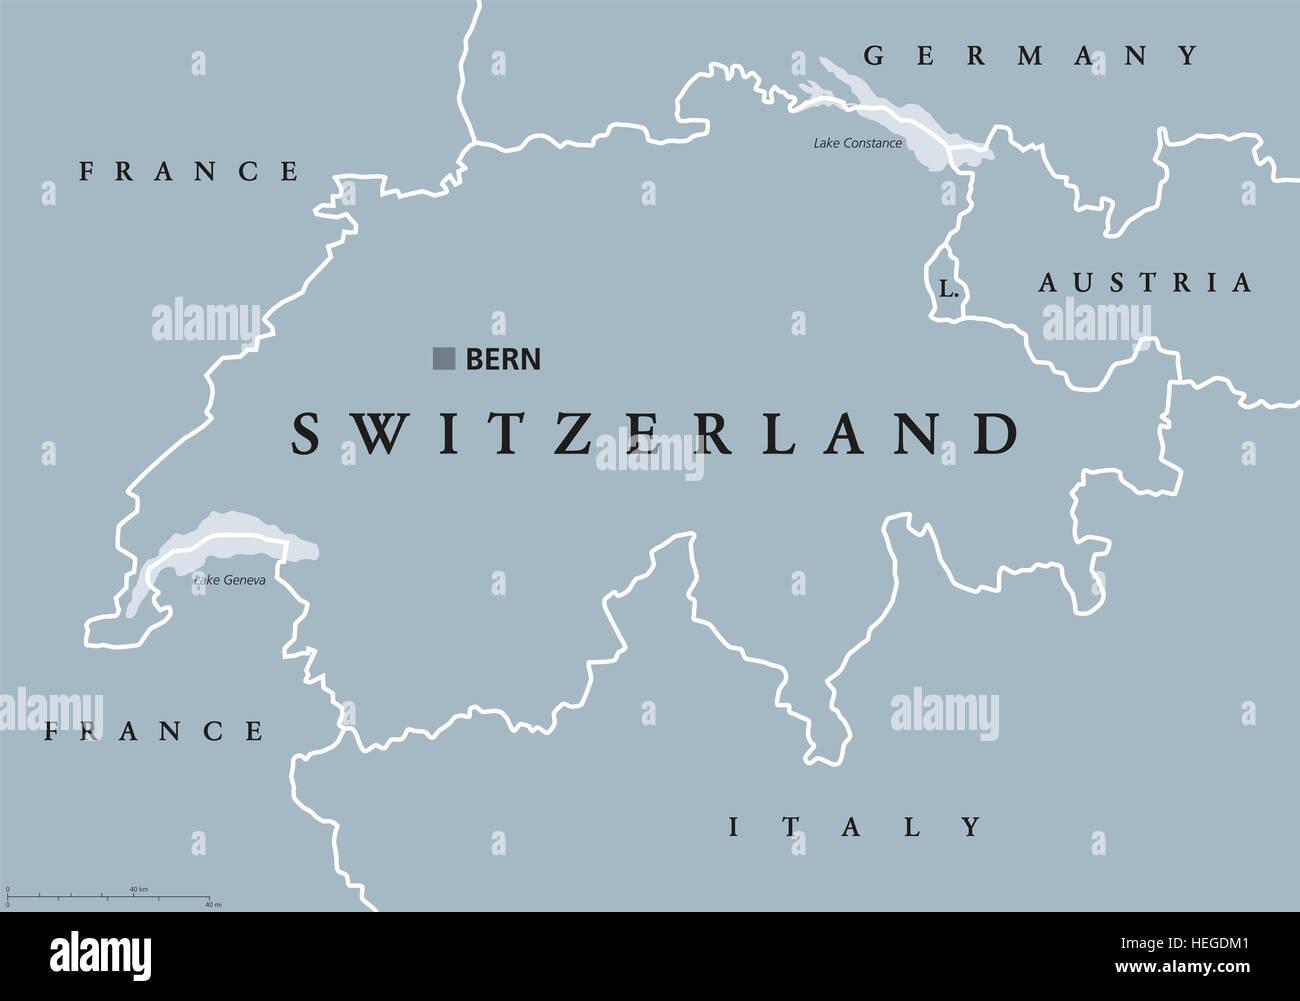 Svizzera Cartina Geografica Politica.Svizzera Mappa Politico Con Capitale Berna I Confini Nazionali E I Paesi Vicini Confederazione Svizzera Una Repubblica Federale Foto Stock Alamy